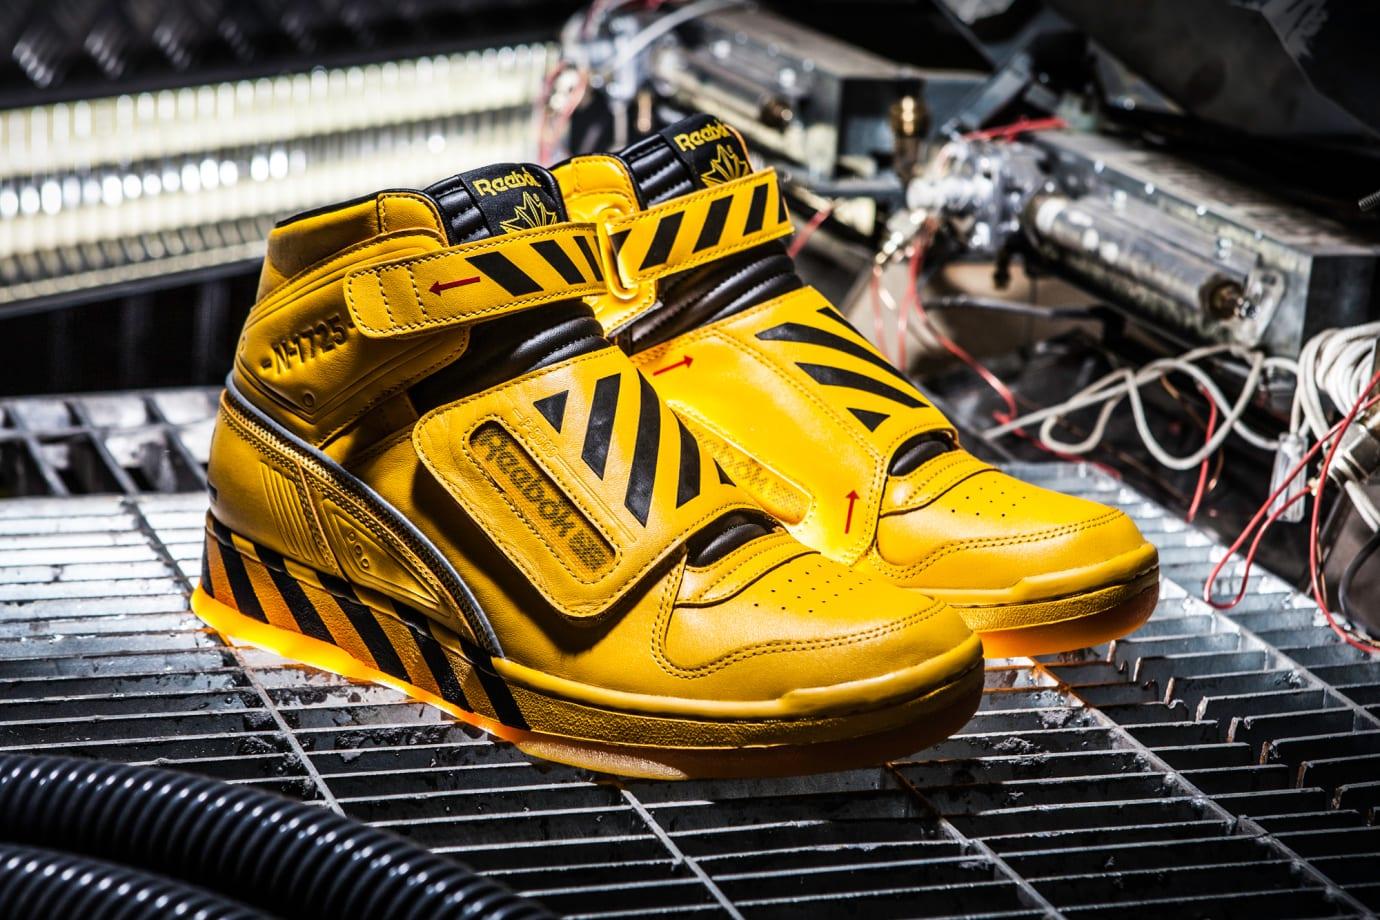 Reebok Alien Stomper Final Battle Sneakers 3